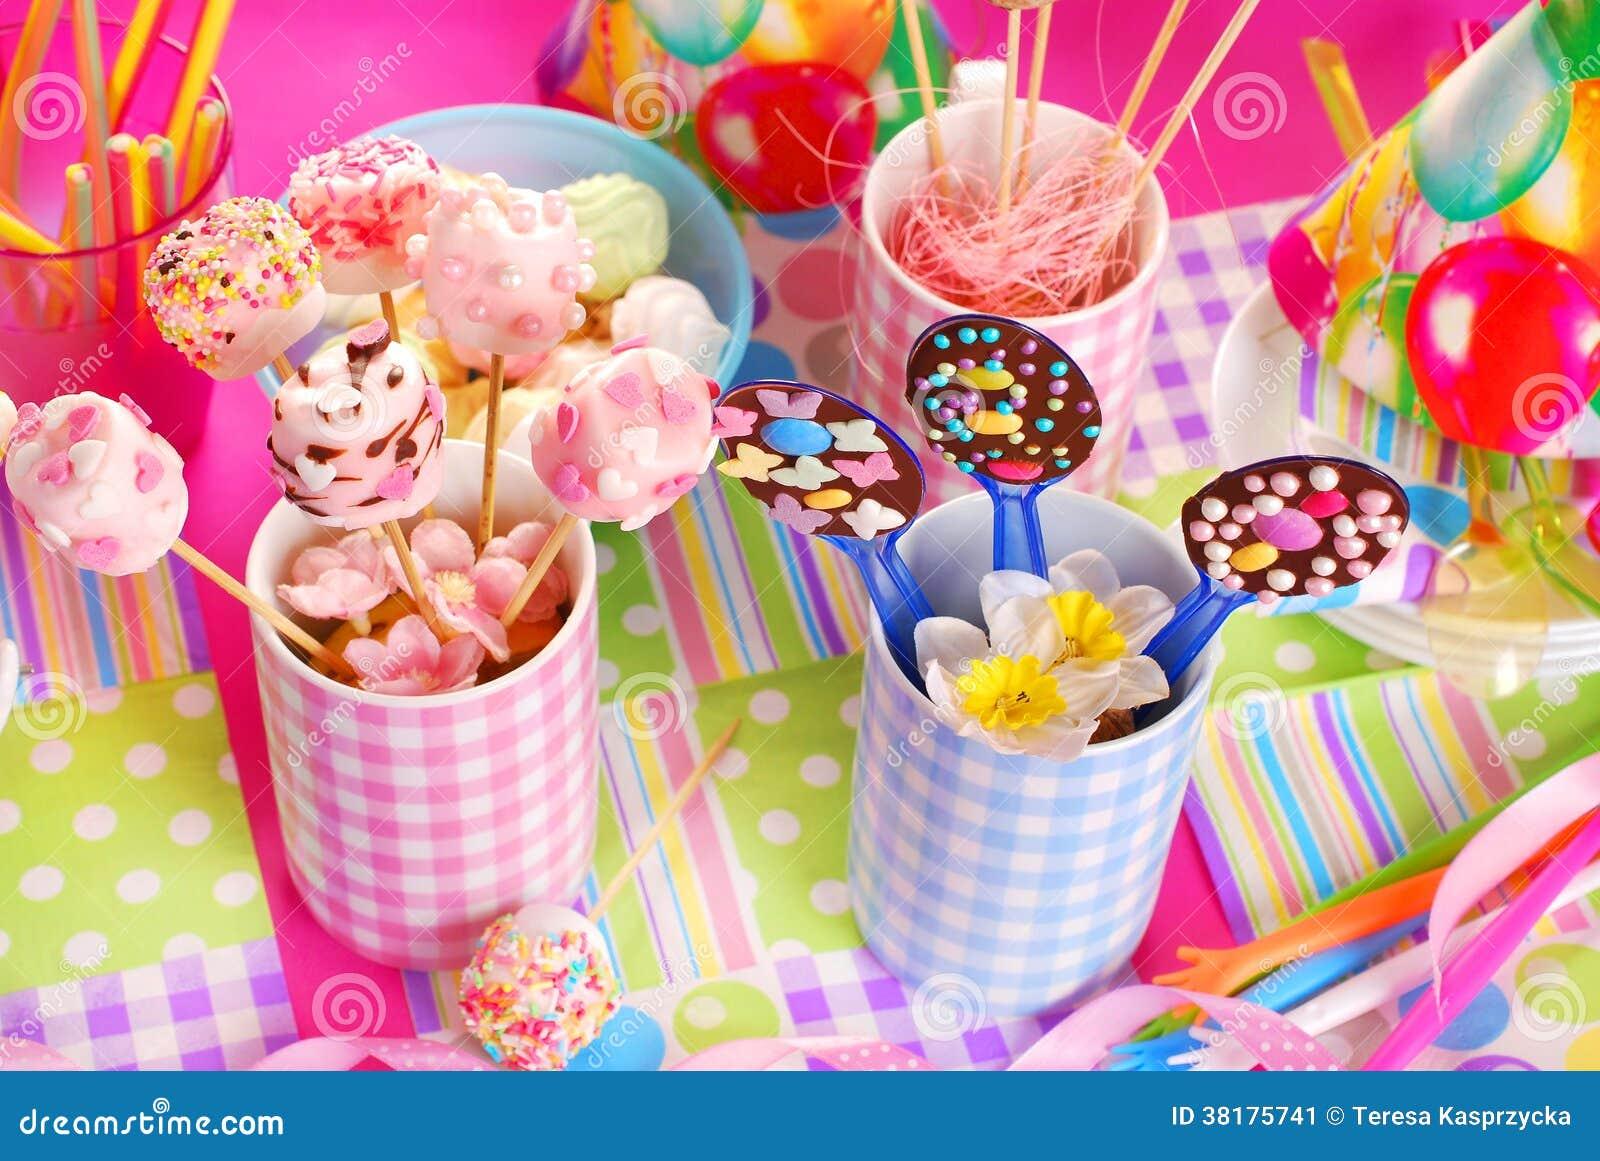 Eccezionale Tavola Della Festa Di Compleanno Con I Dolci Per I Bambini  SN44